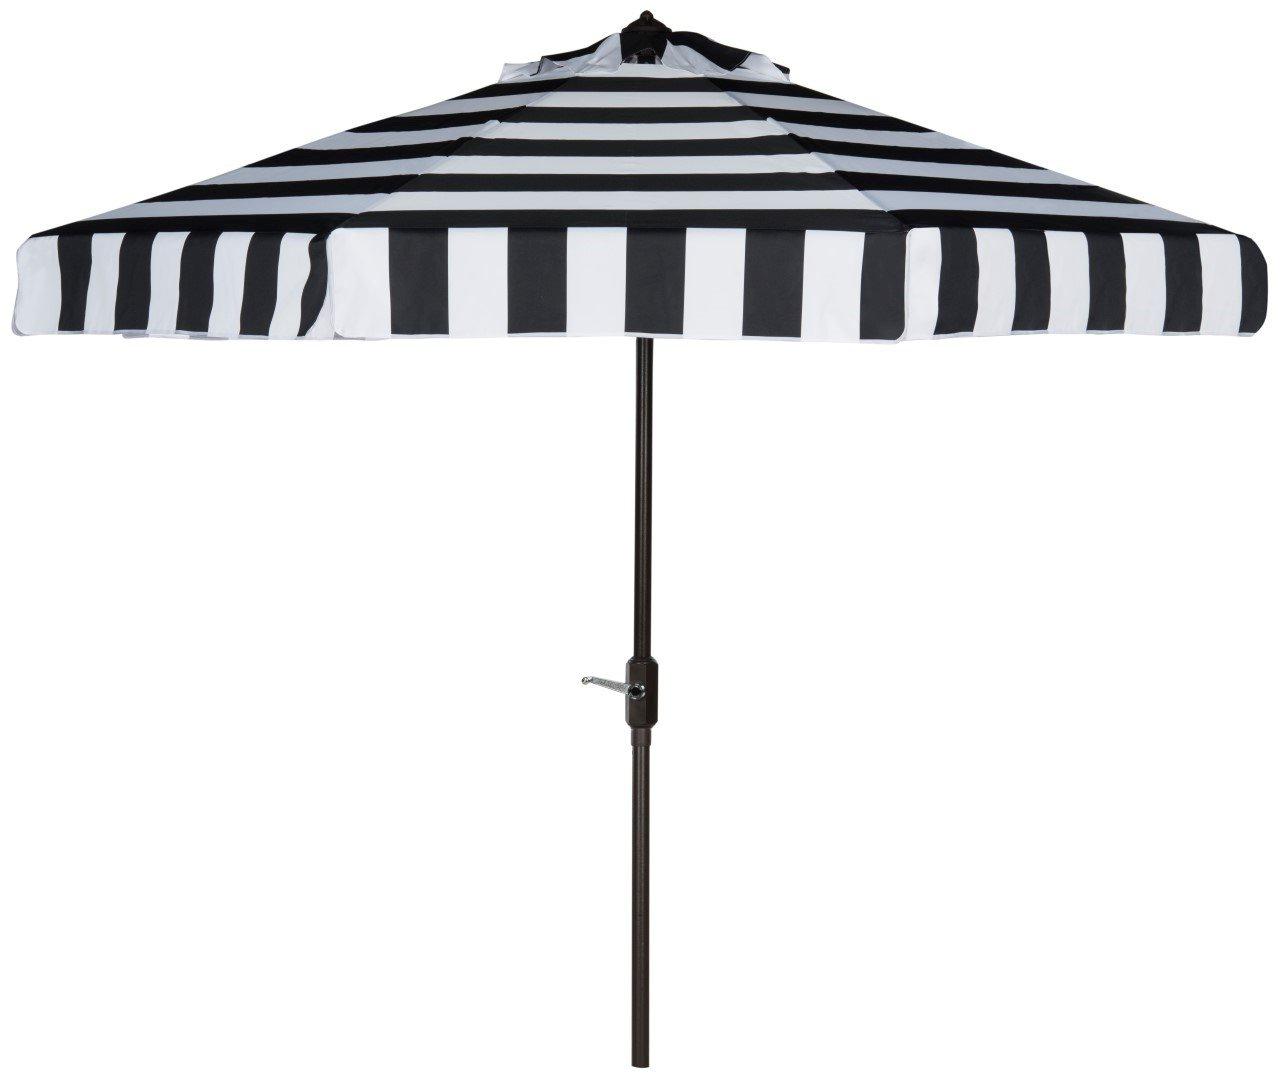 Caravelle Market Umbrellas Pertaining To Popular Seaport 9' Market Umbrella (View 6 of 20)